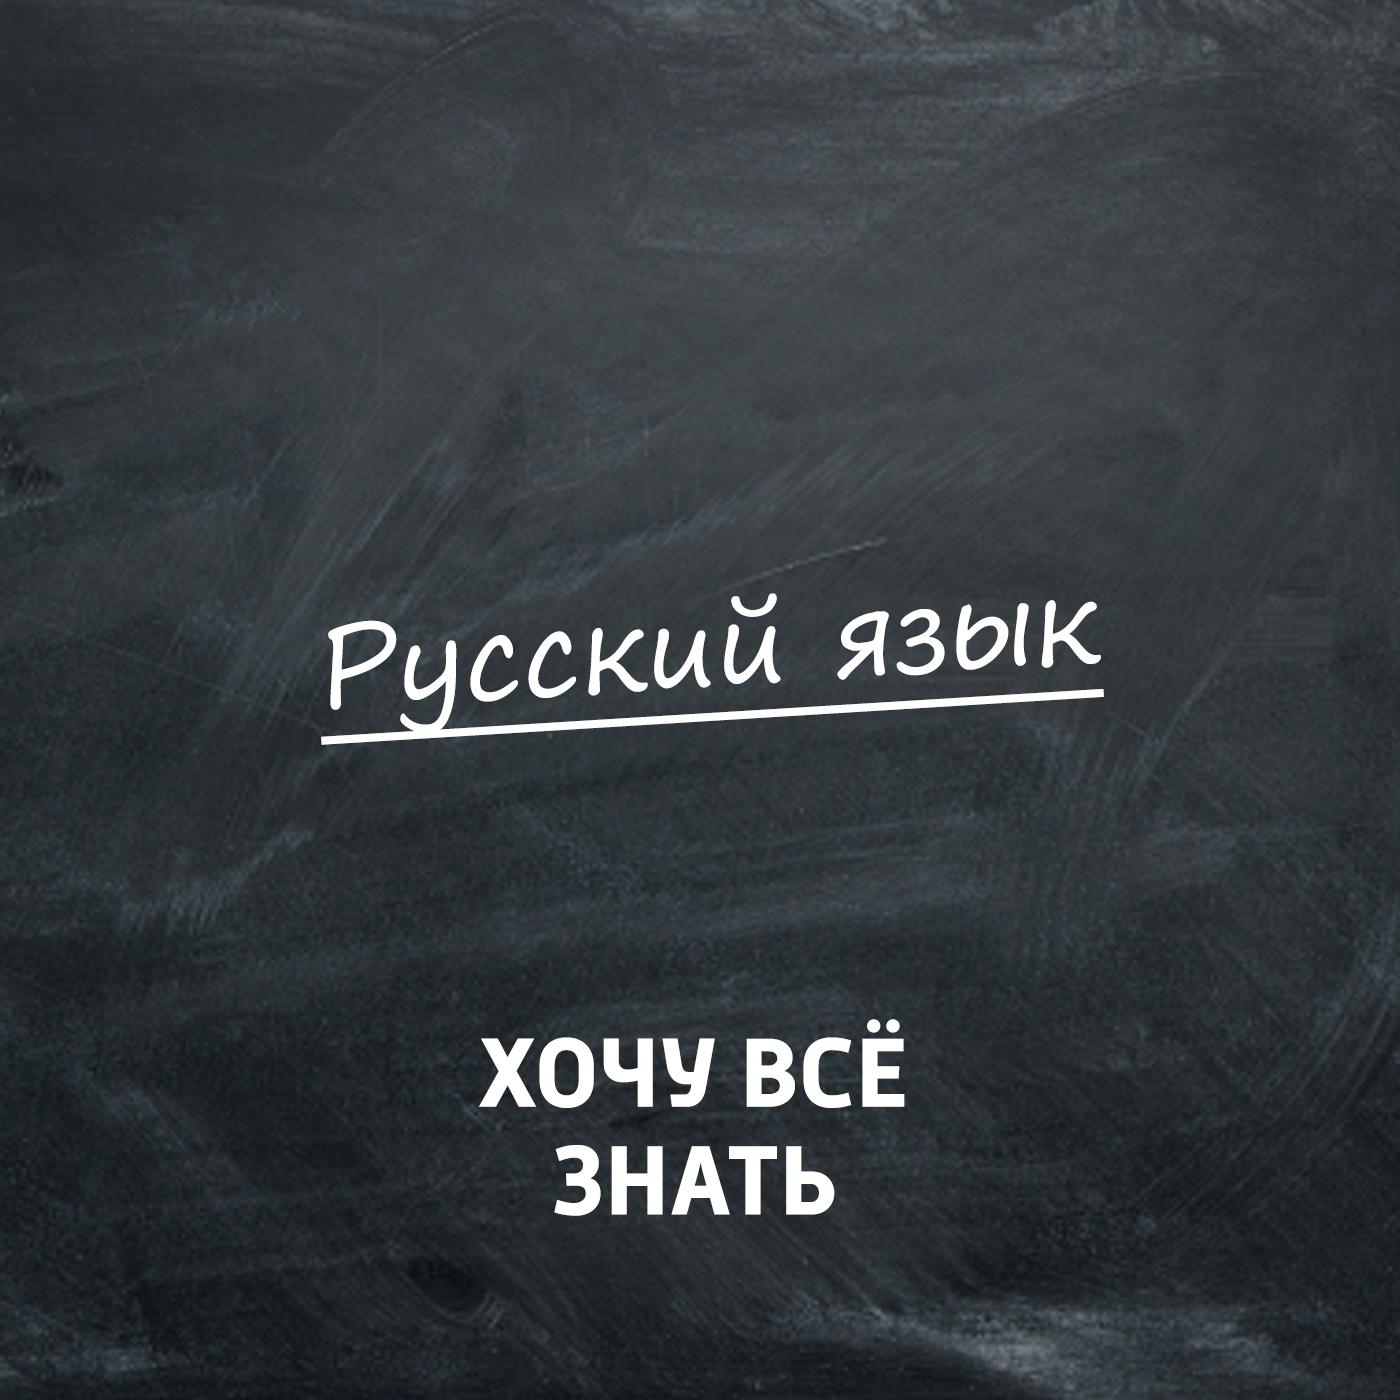 Купить книгу Олимпиадные задачи. Русский язык. Часть 78, автора